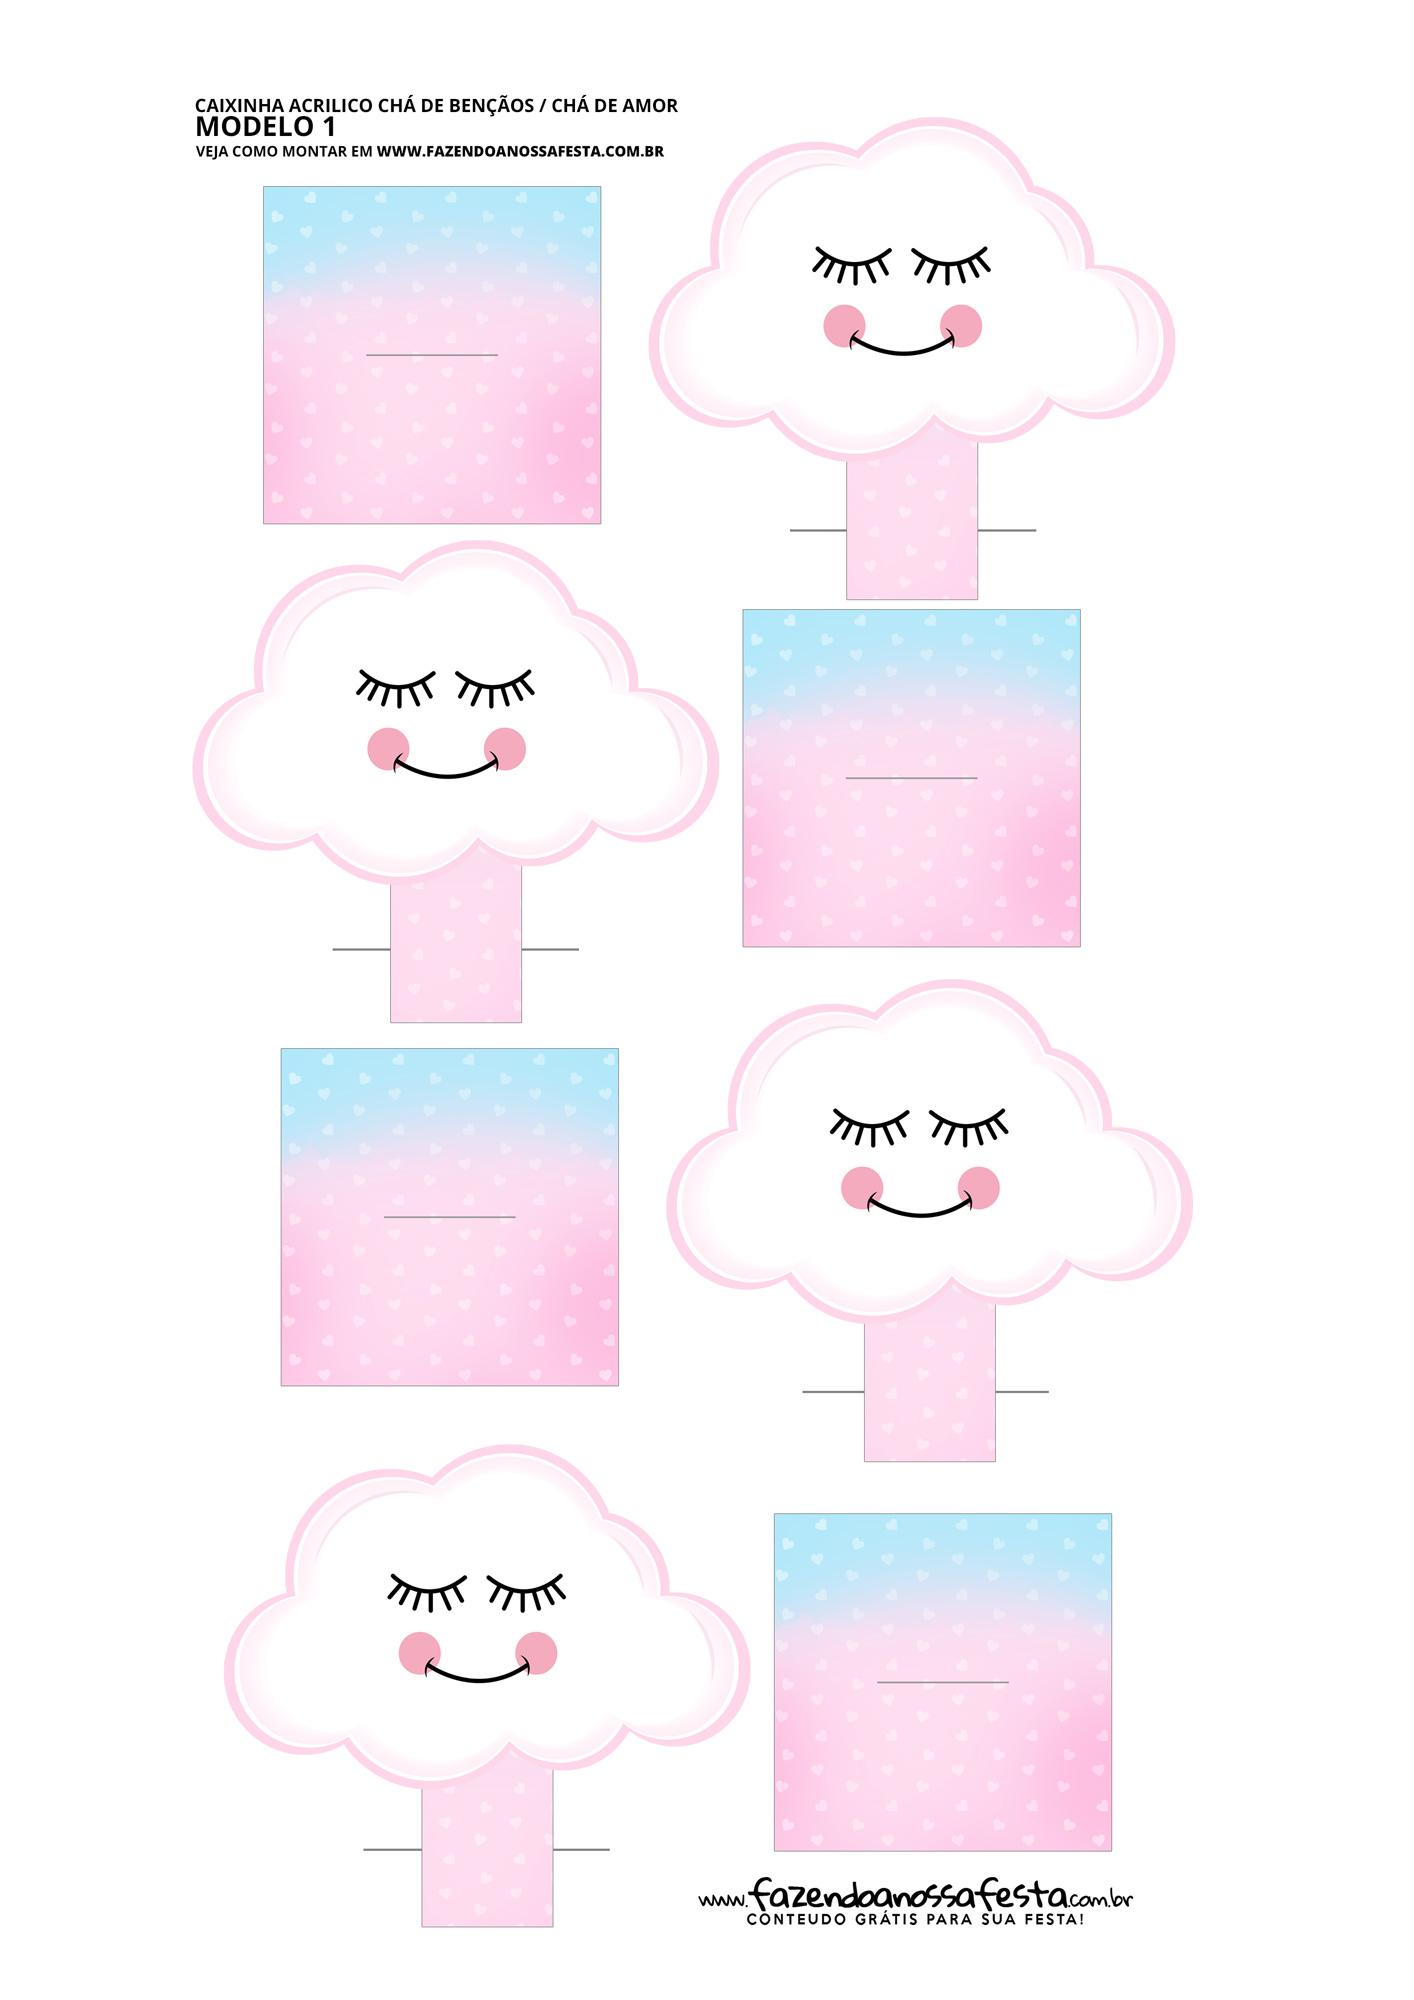 Molde criativo caixa acrilico Festa Chuva de Amor